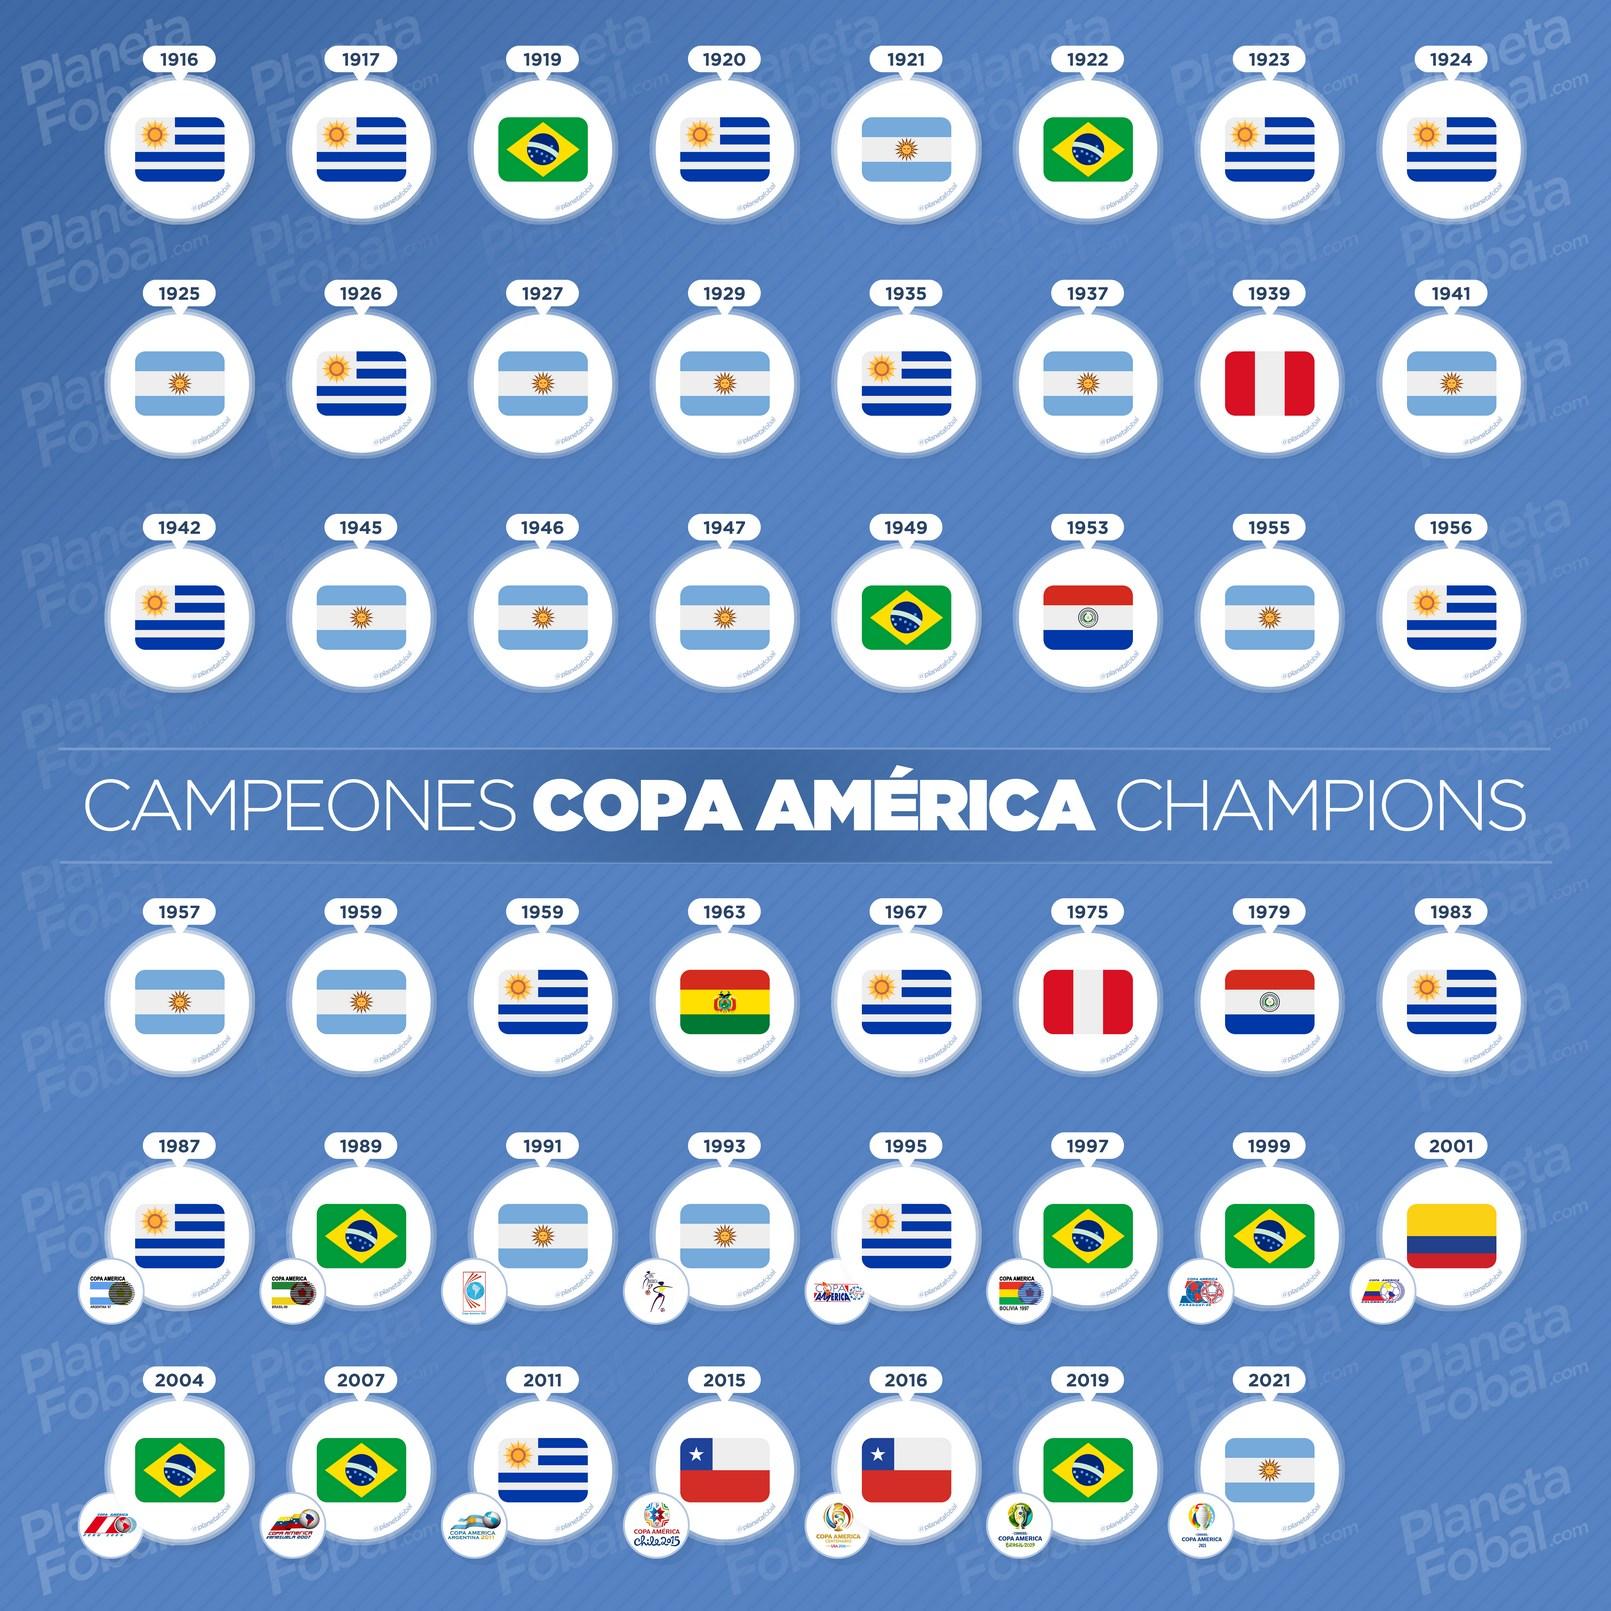 Campeones de la Copa América (1916-2021)